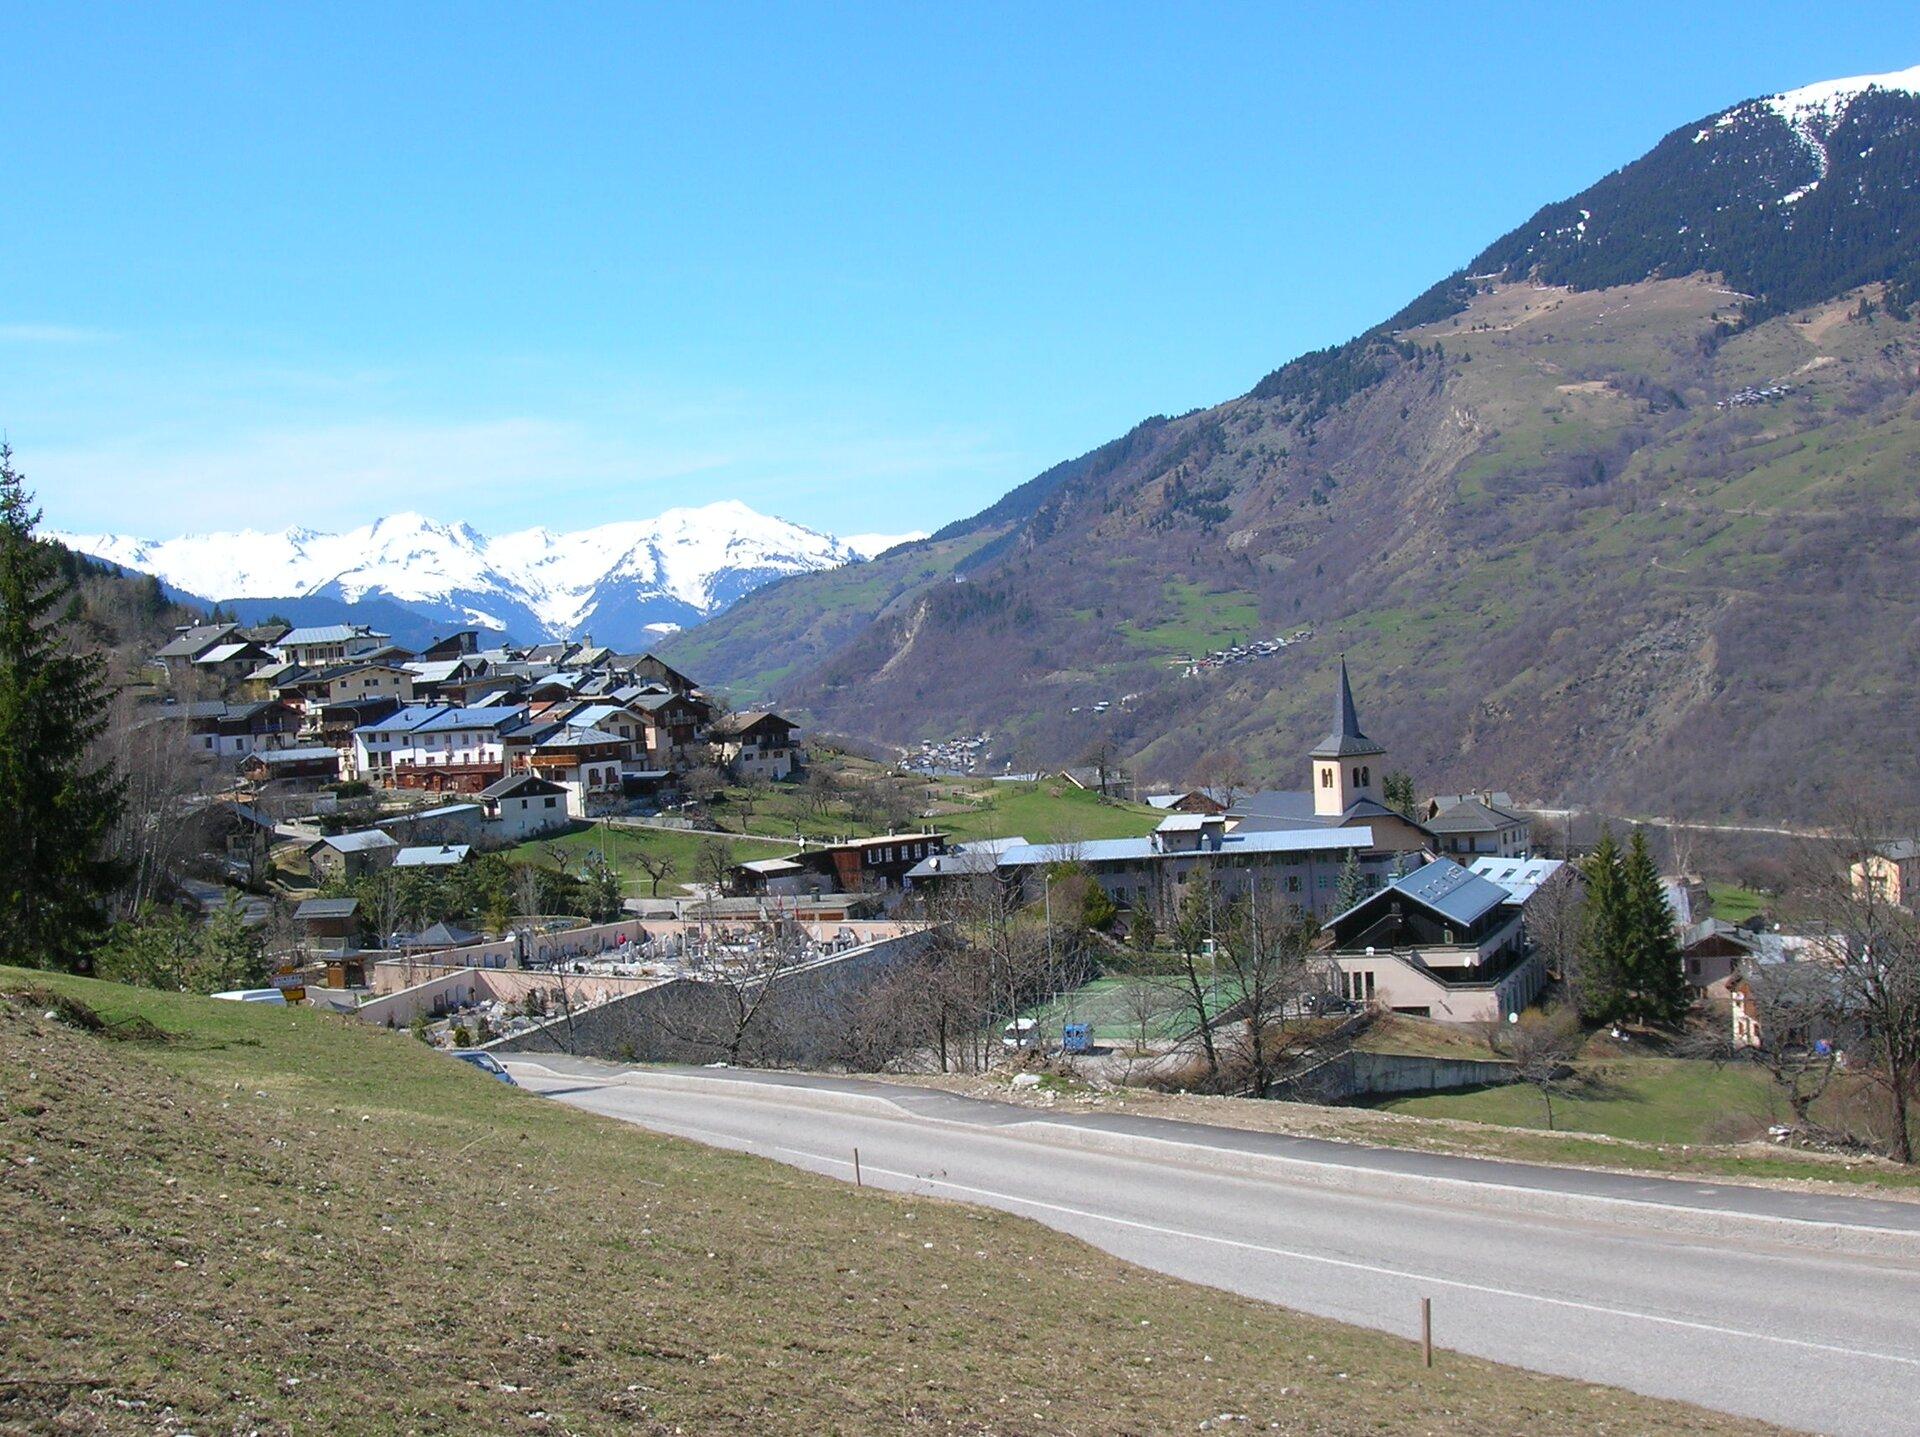 Na zdjęciu miejscowość górska, na pierwszym planie łagodny stok, brunatna ziemia, brak roślinności. Wtle wysokie, ośnieżone szczyty.